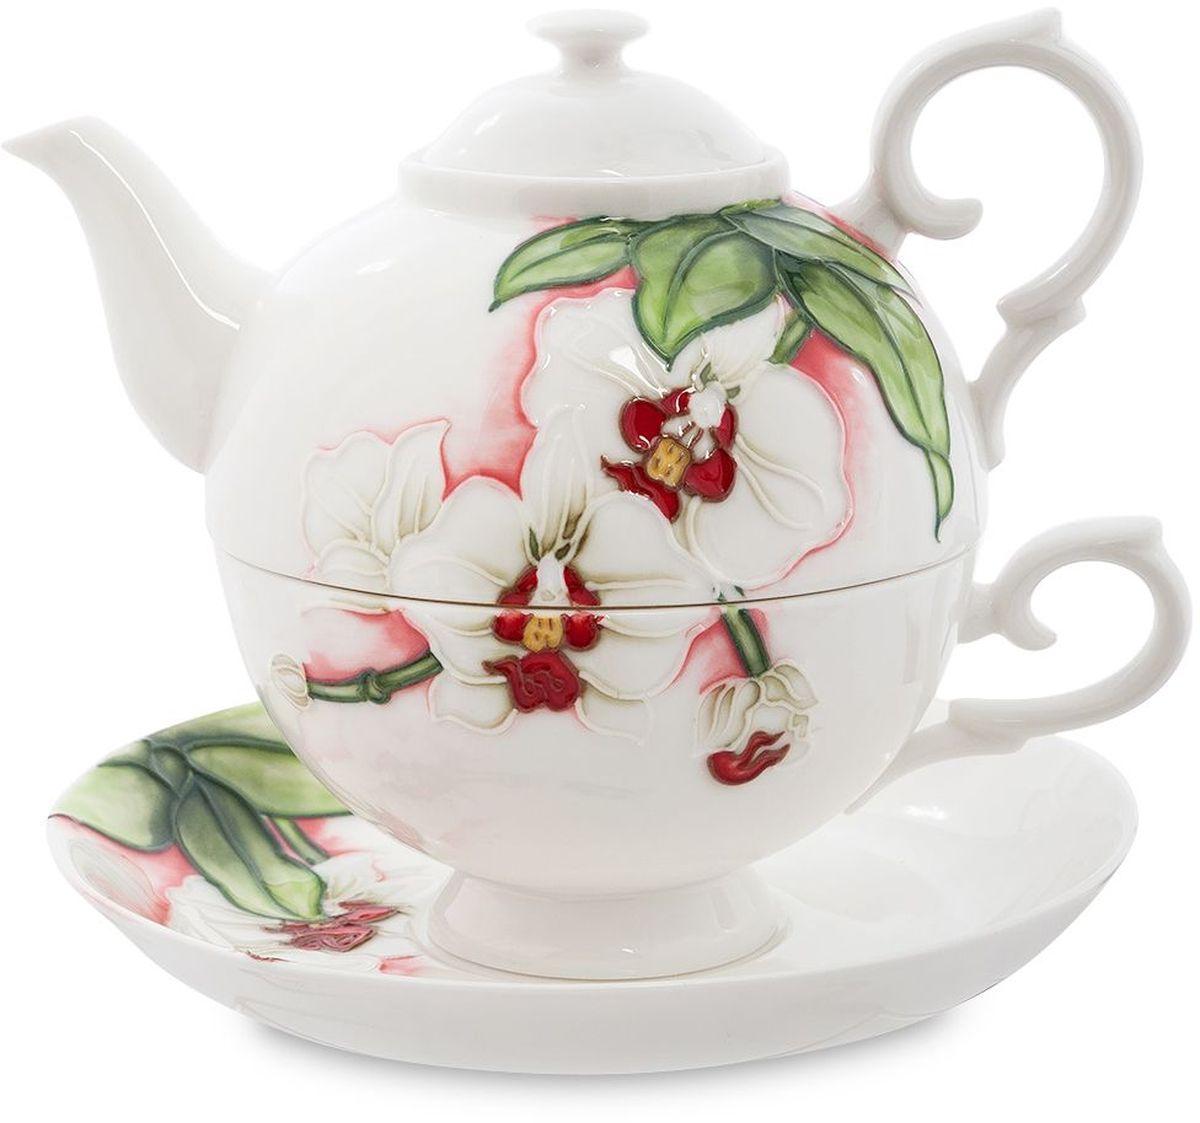 Набор чайный Pavone Королевская орхидея, 3 предмета. 451610451610Объем чайника: 400 мл Объем чаши: 250 мл Диаметр блюдца: 15 см